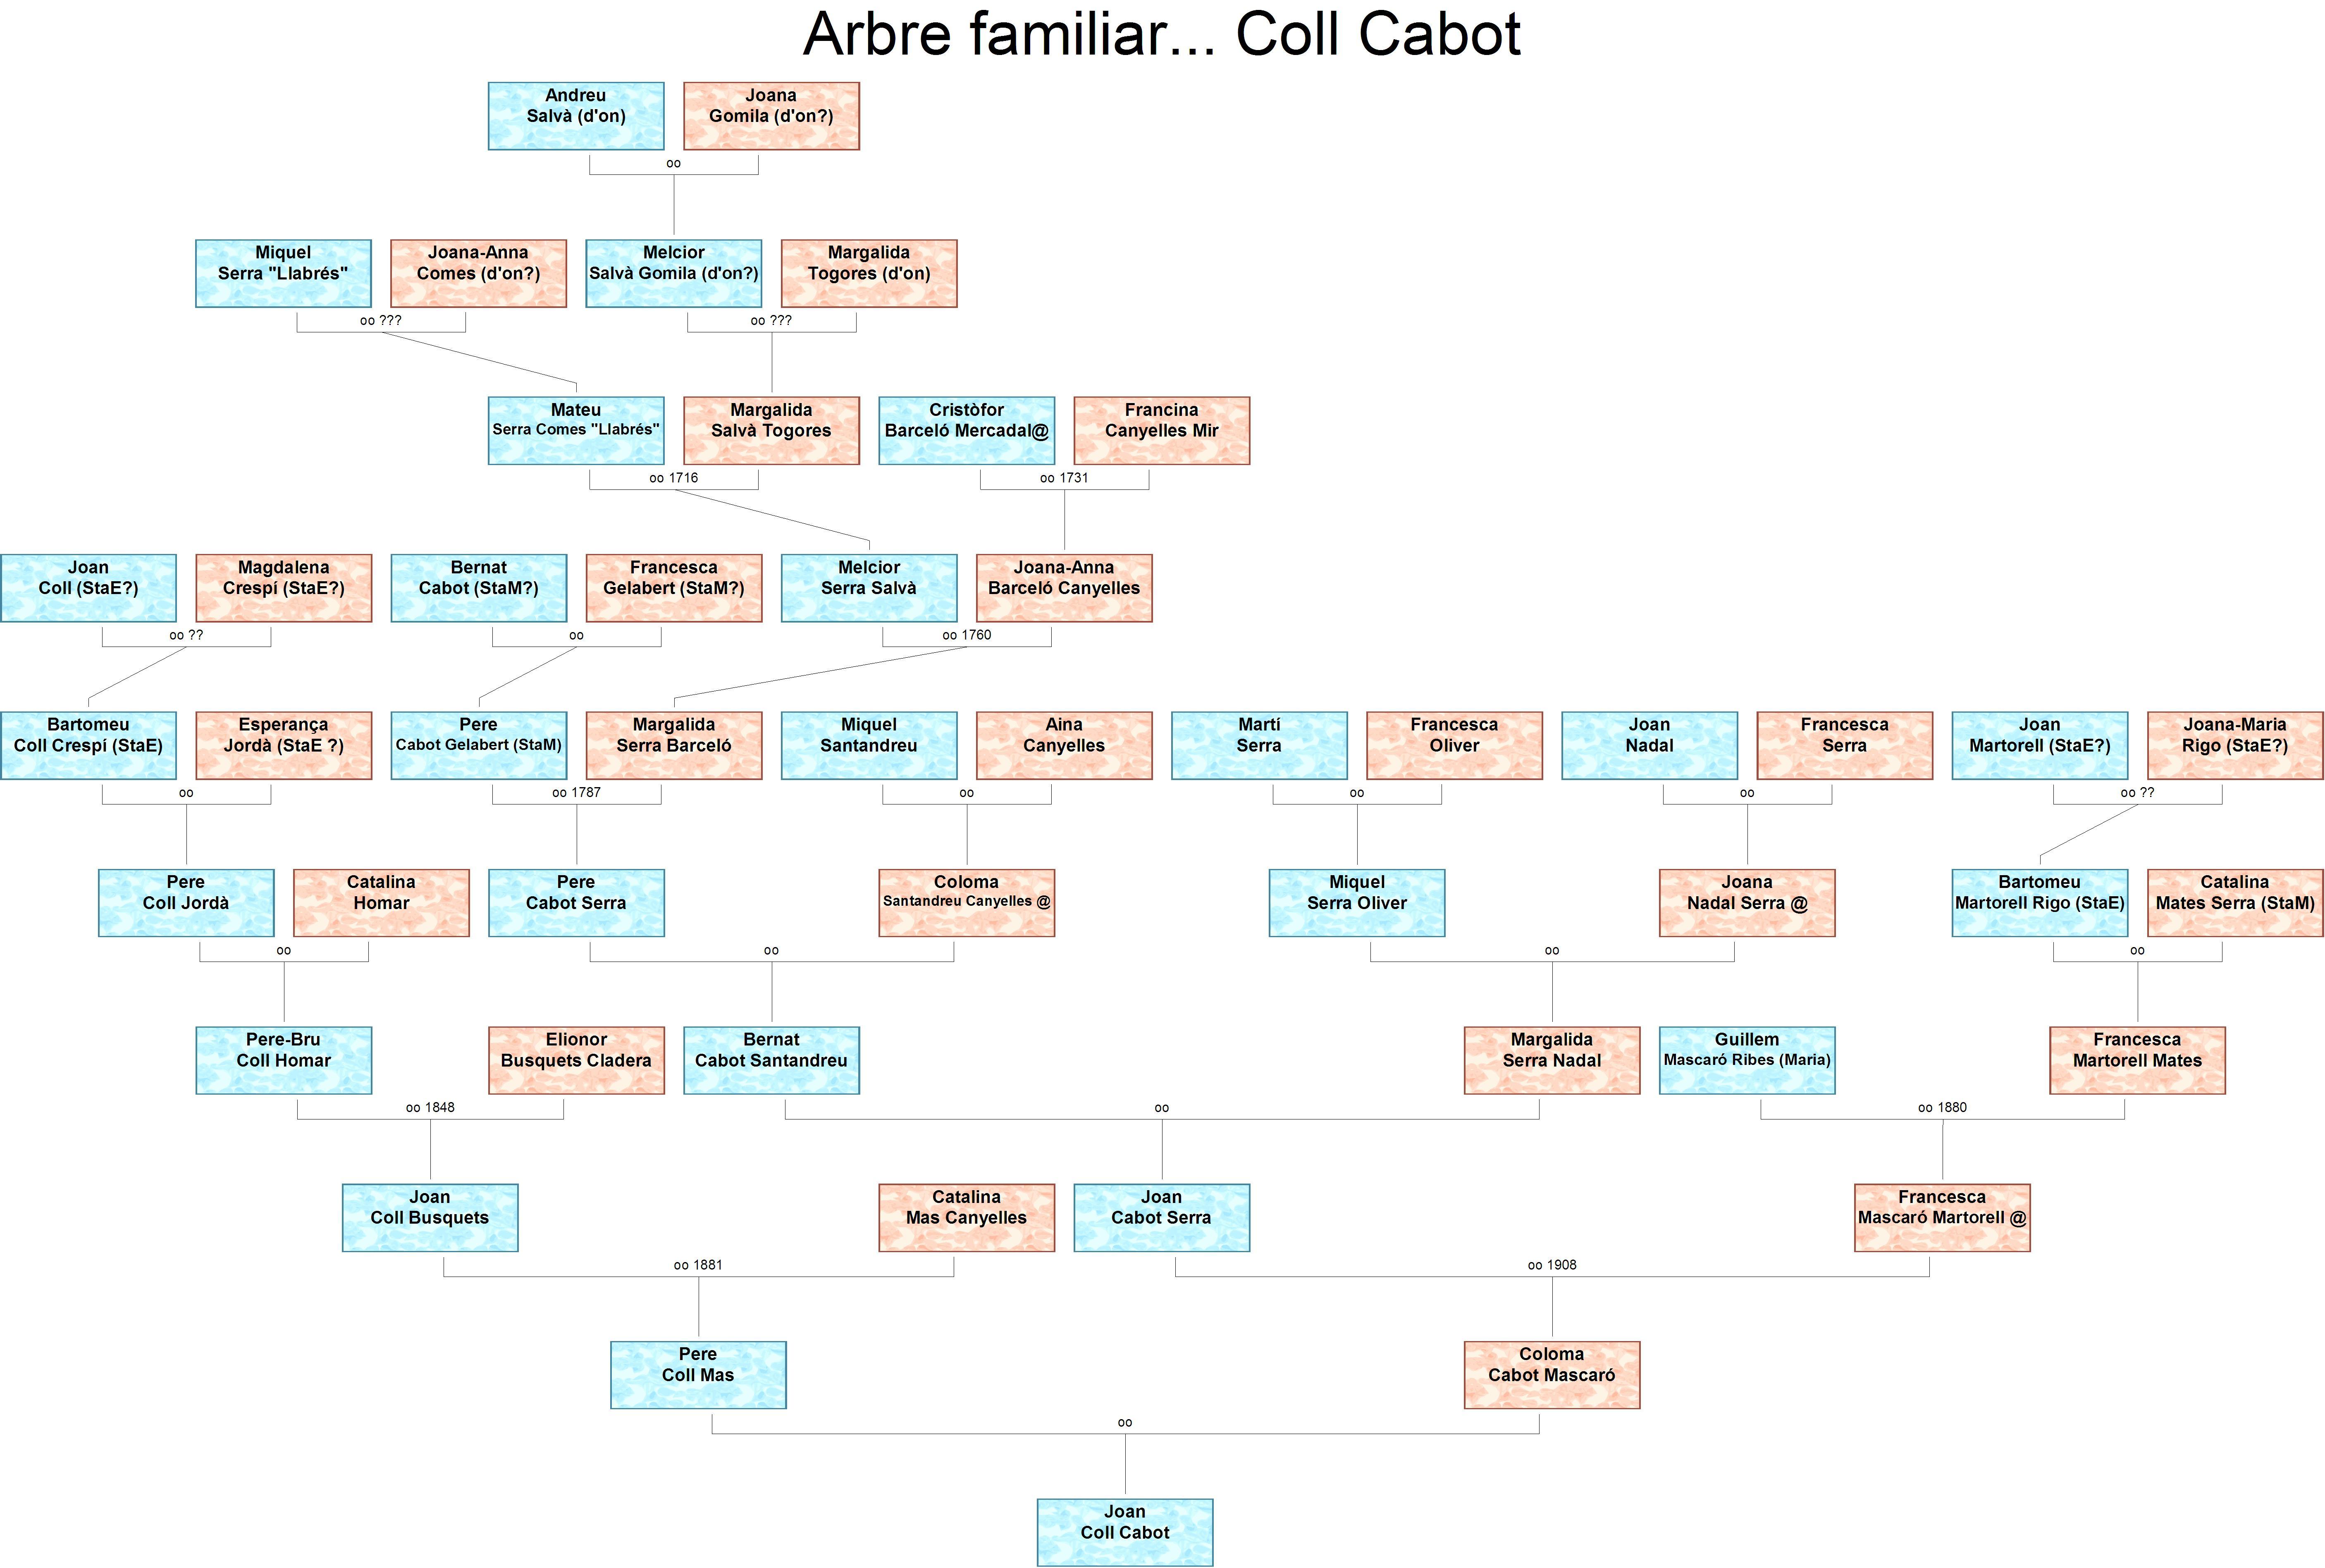 Arbre familiar Coll Cabot SC